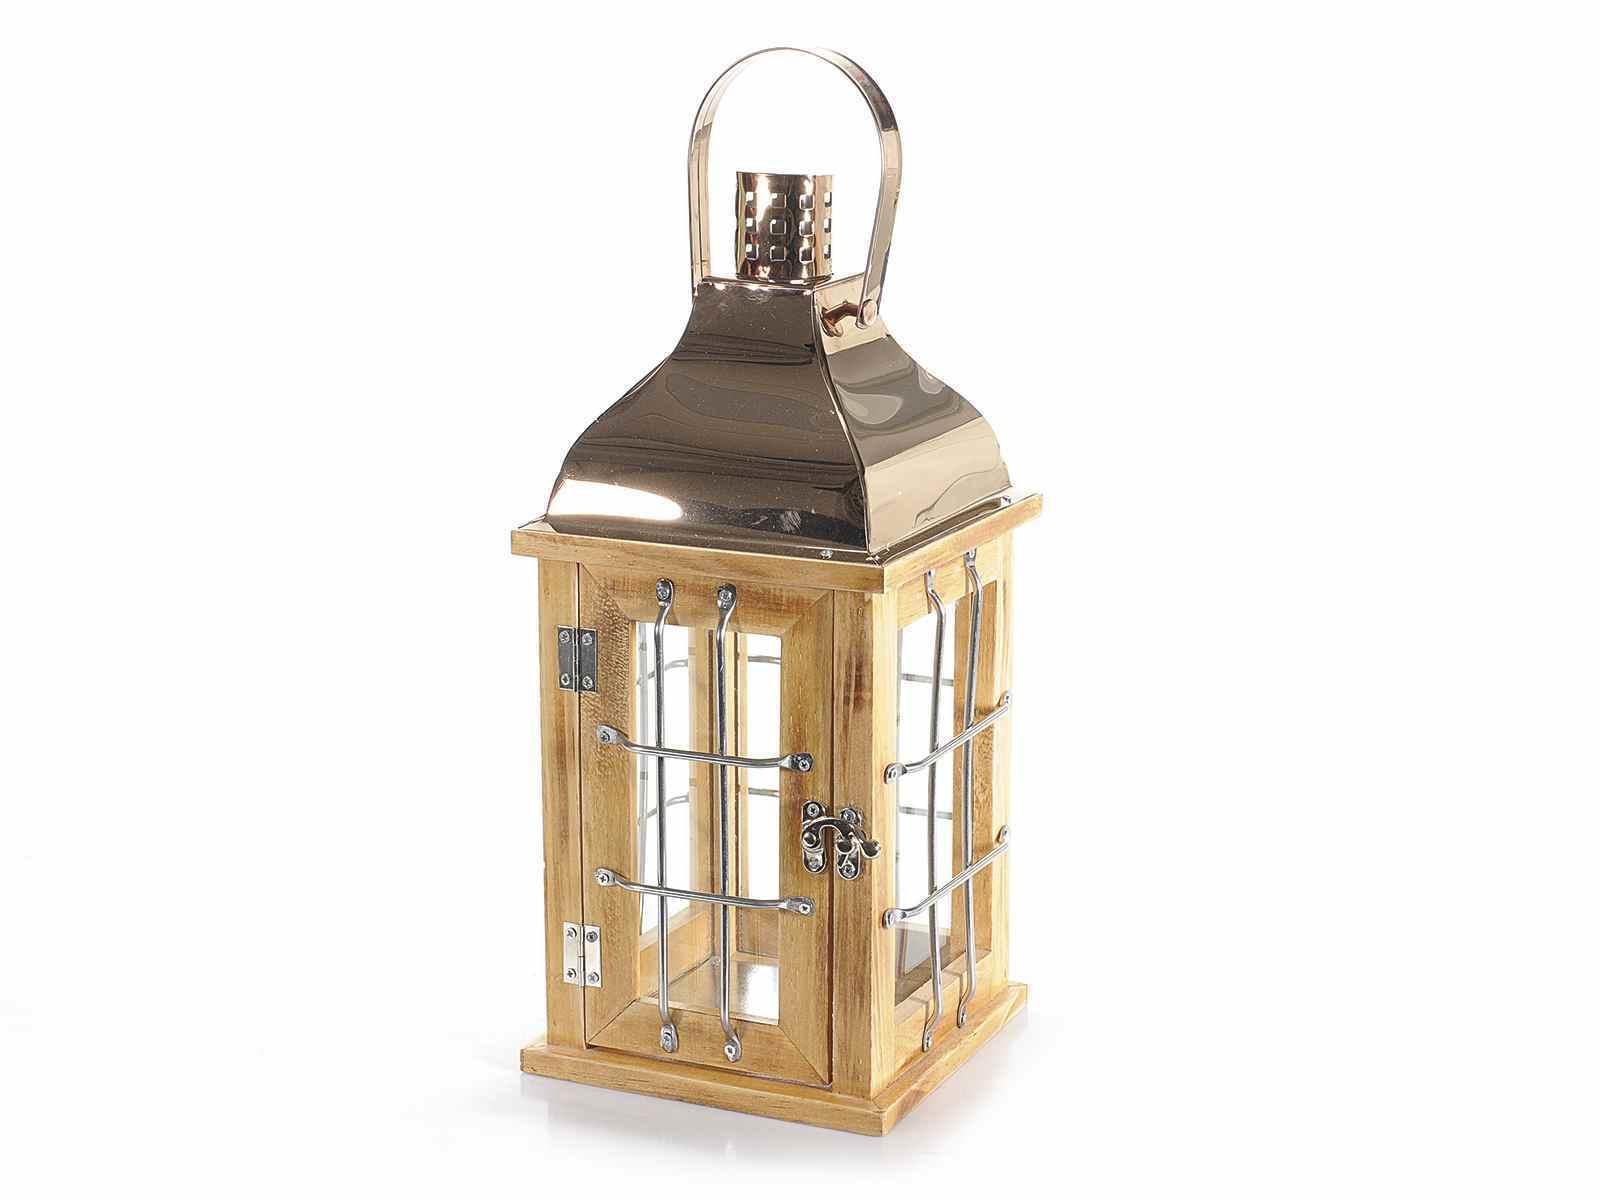 Lampade Rustiche In Rame : Lampada lanterna 33.5cm legno metallo rame vetro rustica